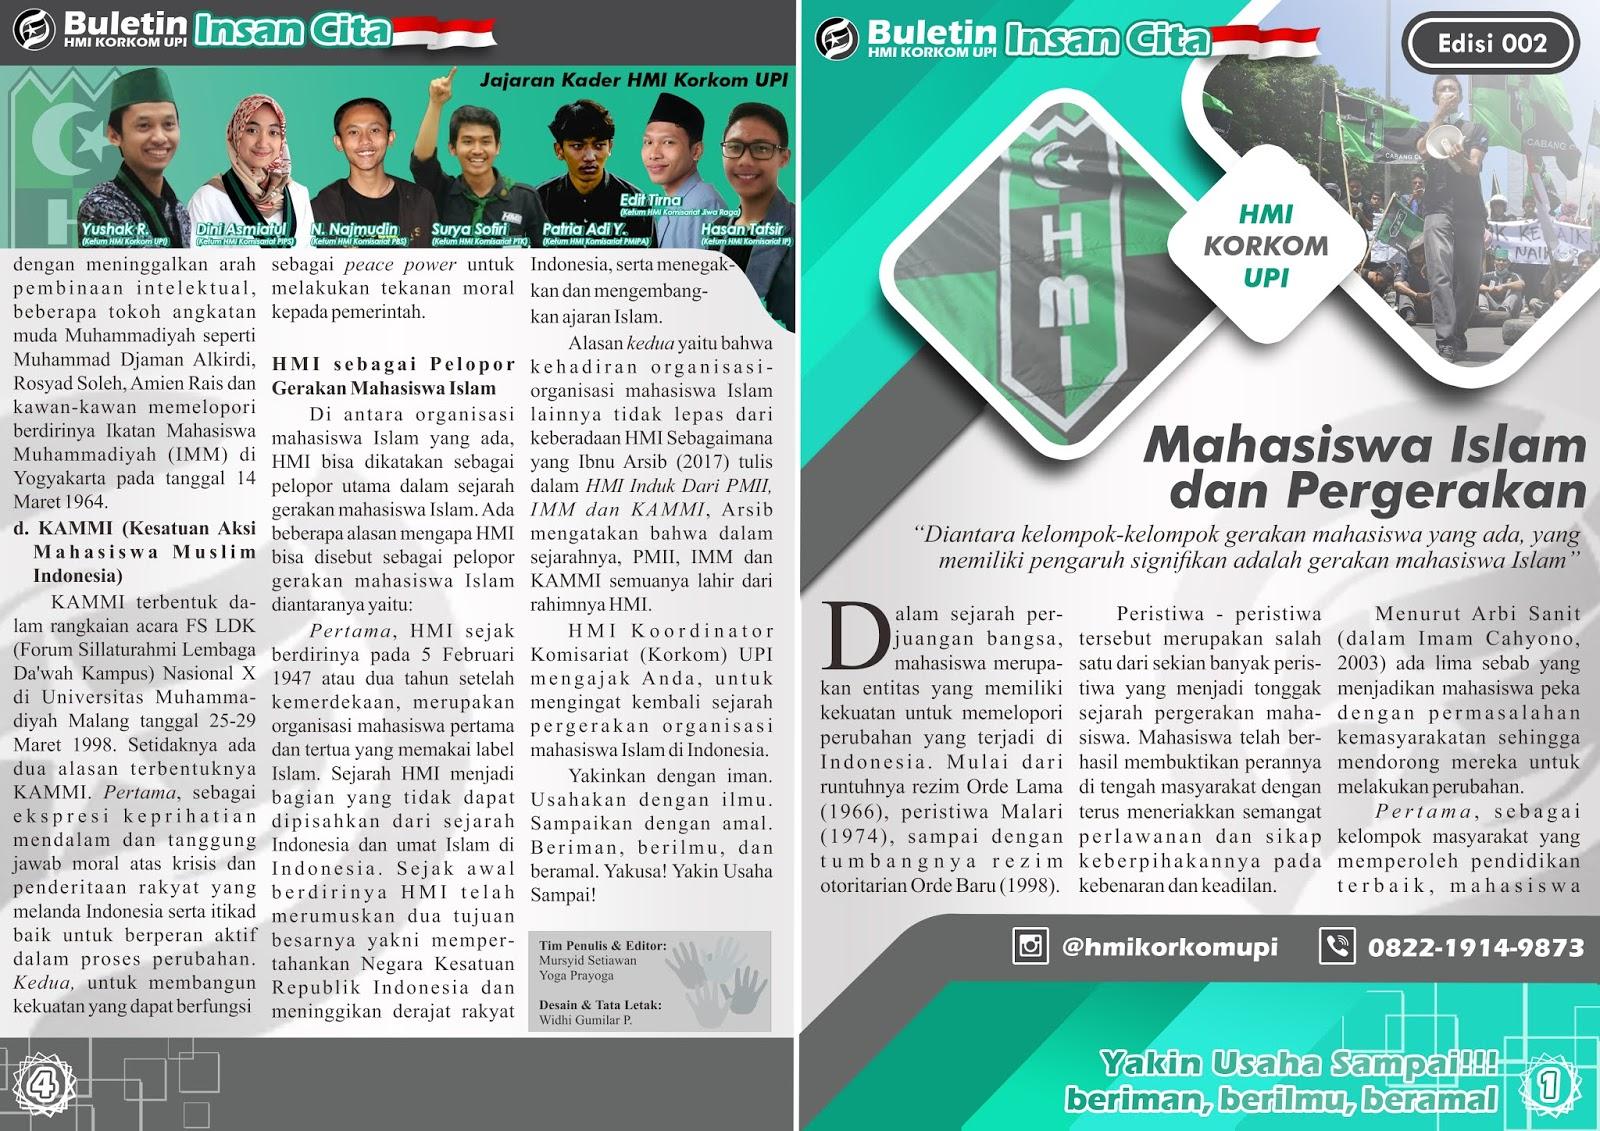 MAHASISWA ISLAM DAN PERGERAKAN Buletin 002 1